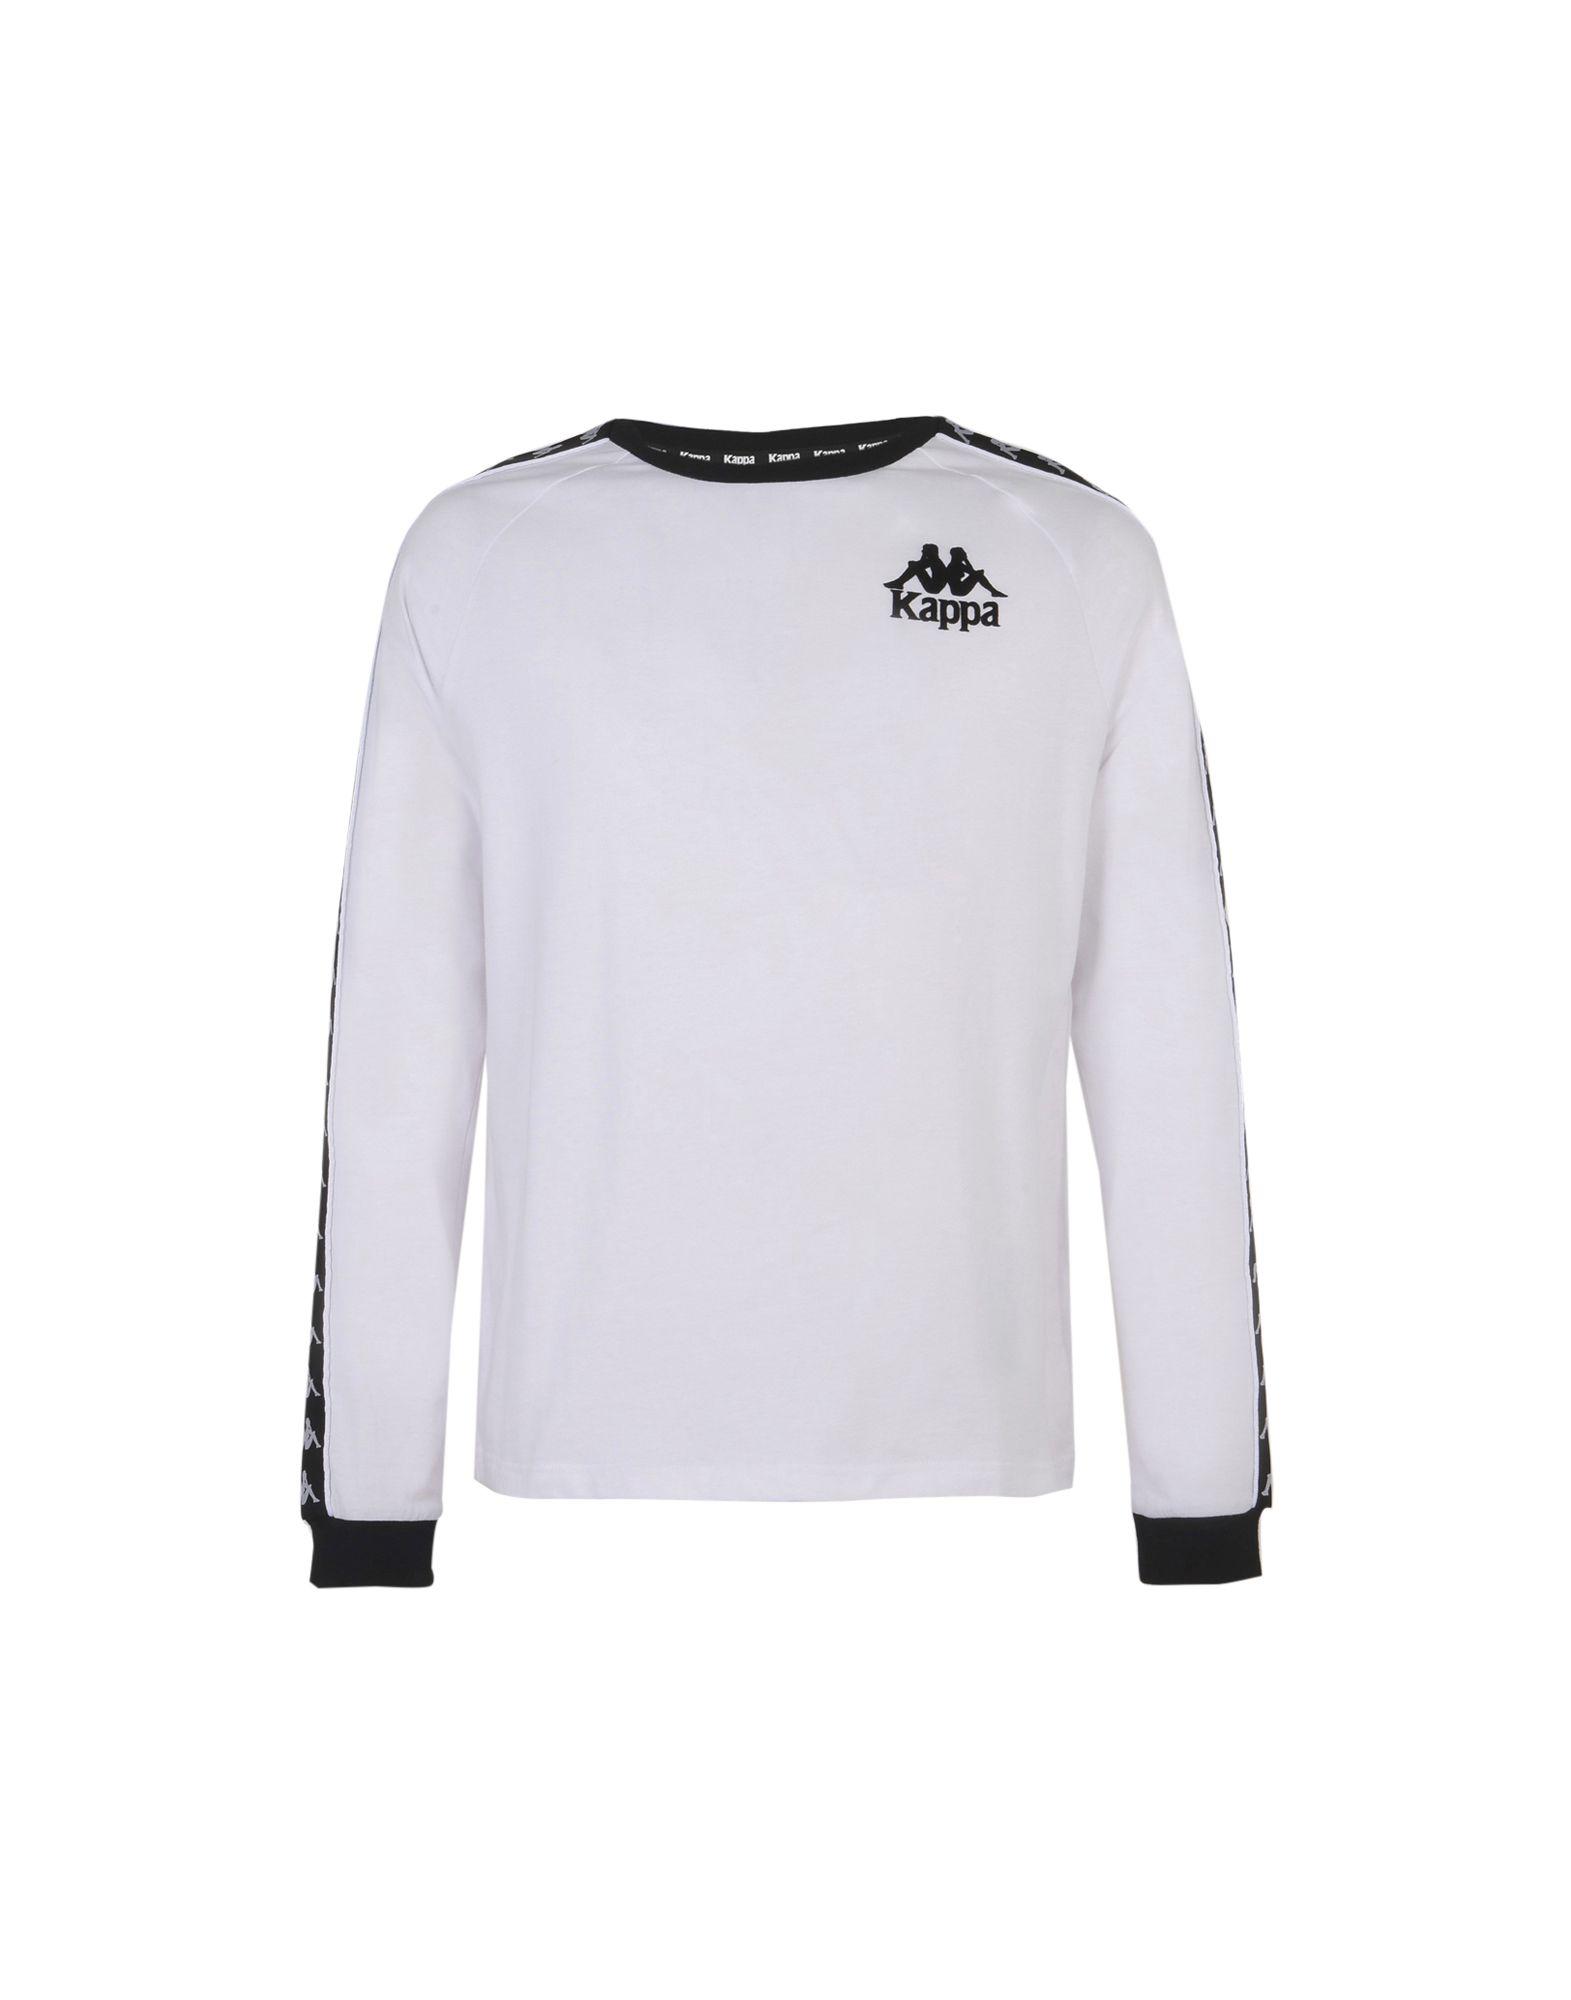 《送料無料》KAPPA メンズ T シャツ ホワイト M コットン 100% DIXON LONG SLEEVE